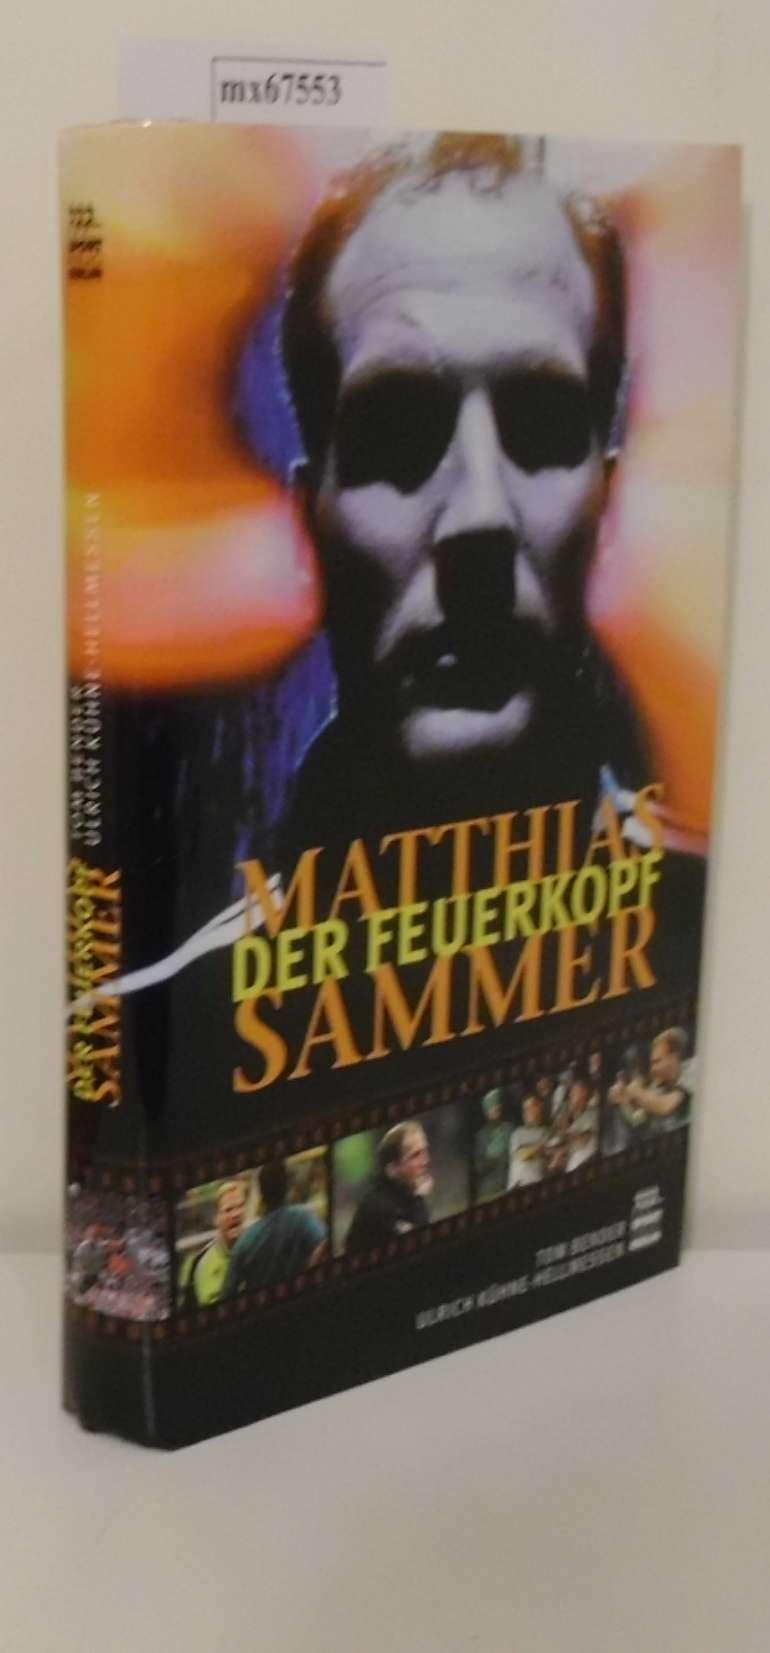 Matthias Sammer - der Feuerkopf Ulrich Kühne-Hellmessen   Tom Bender